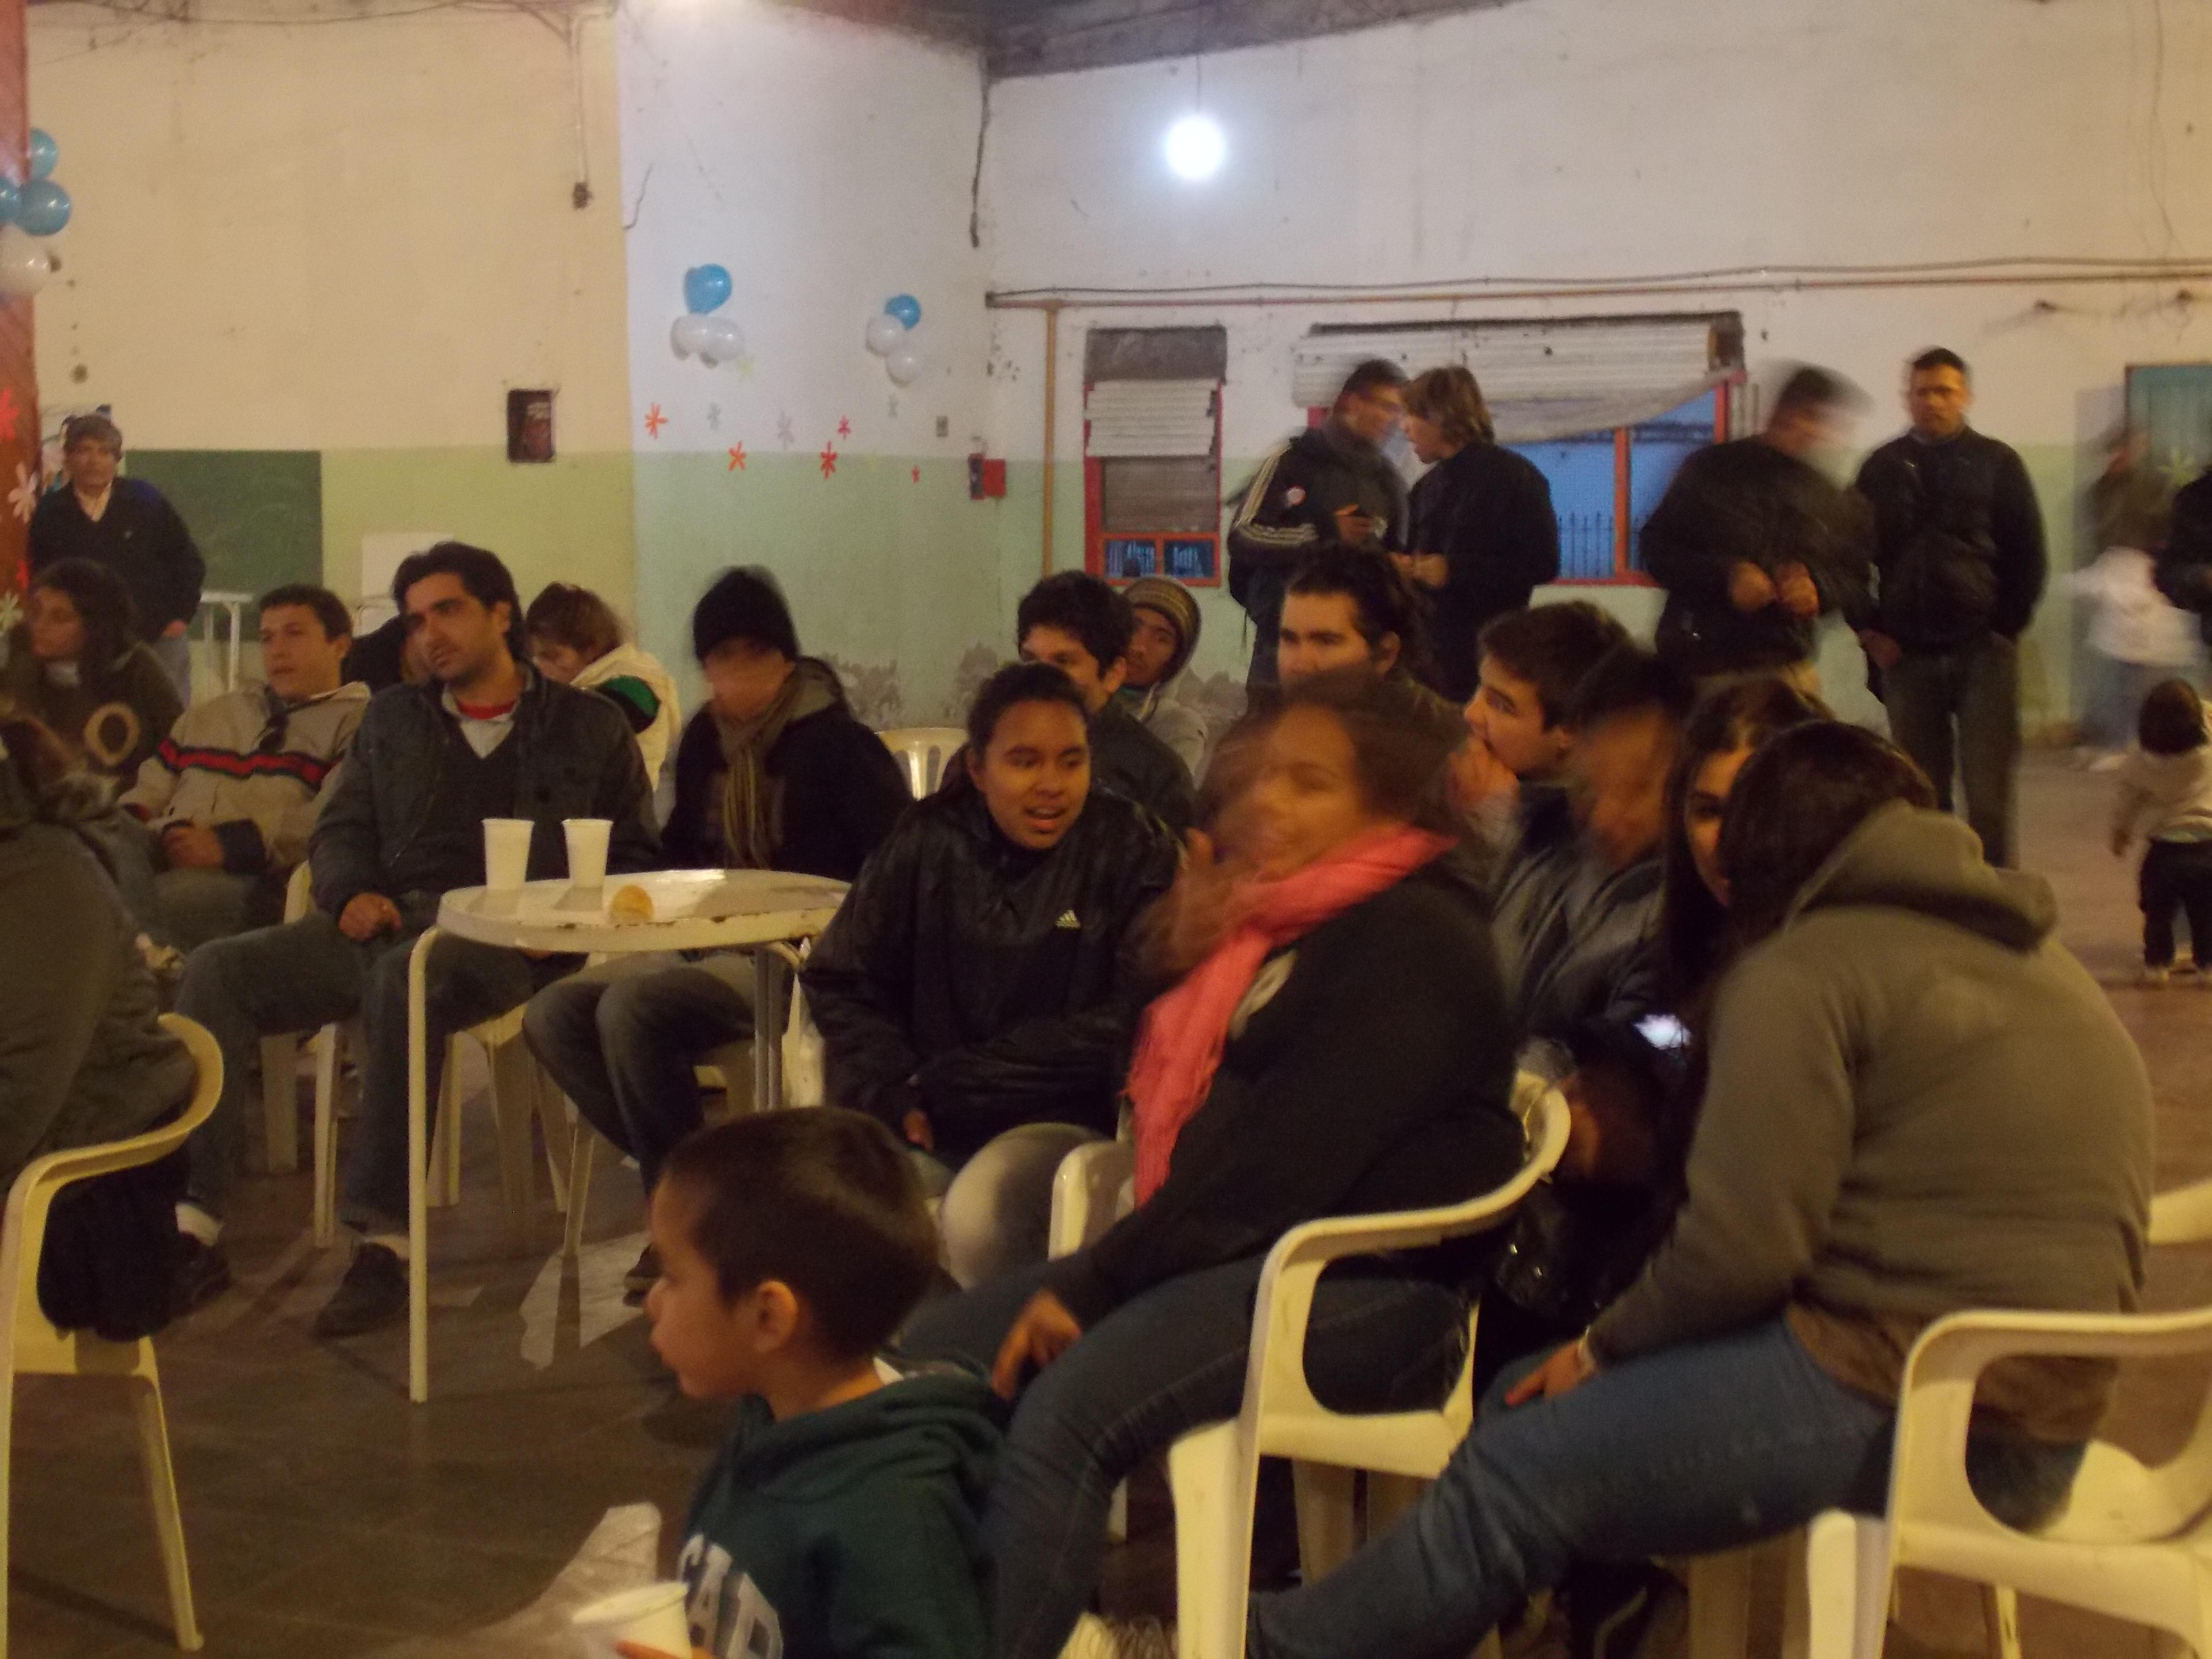 la-pampa-elecciones-vecinales-1